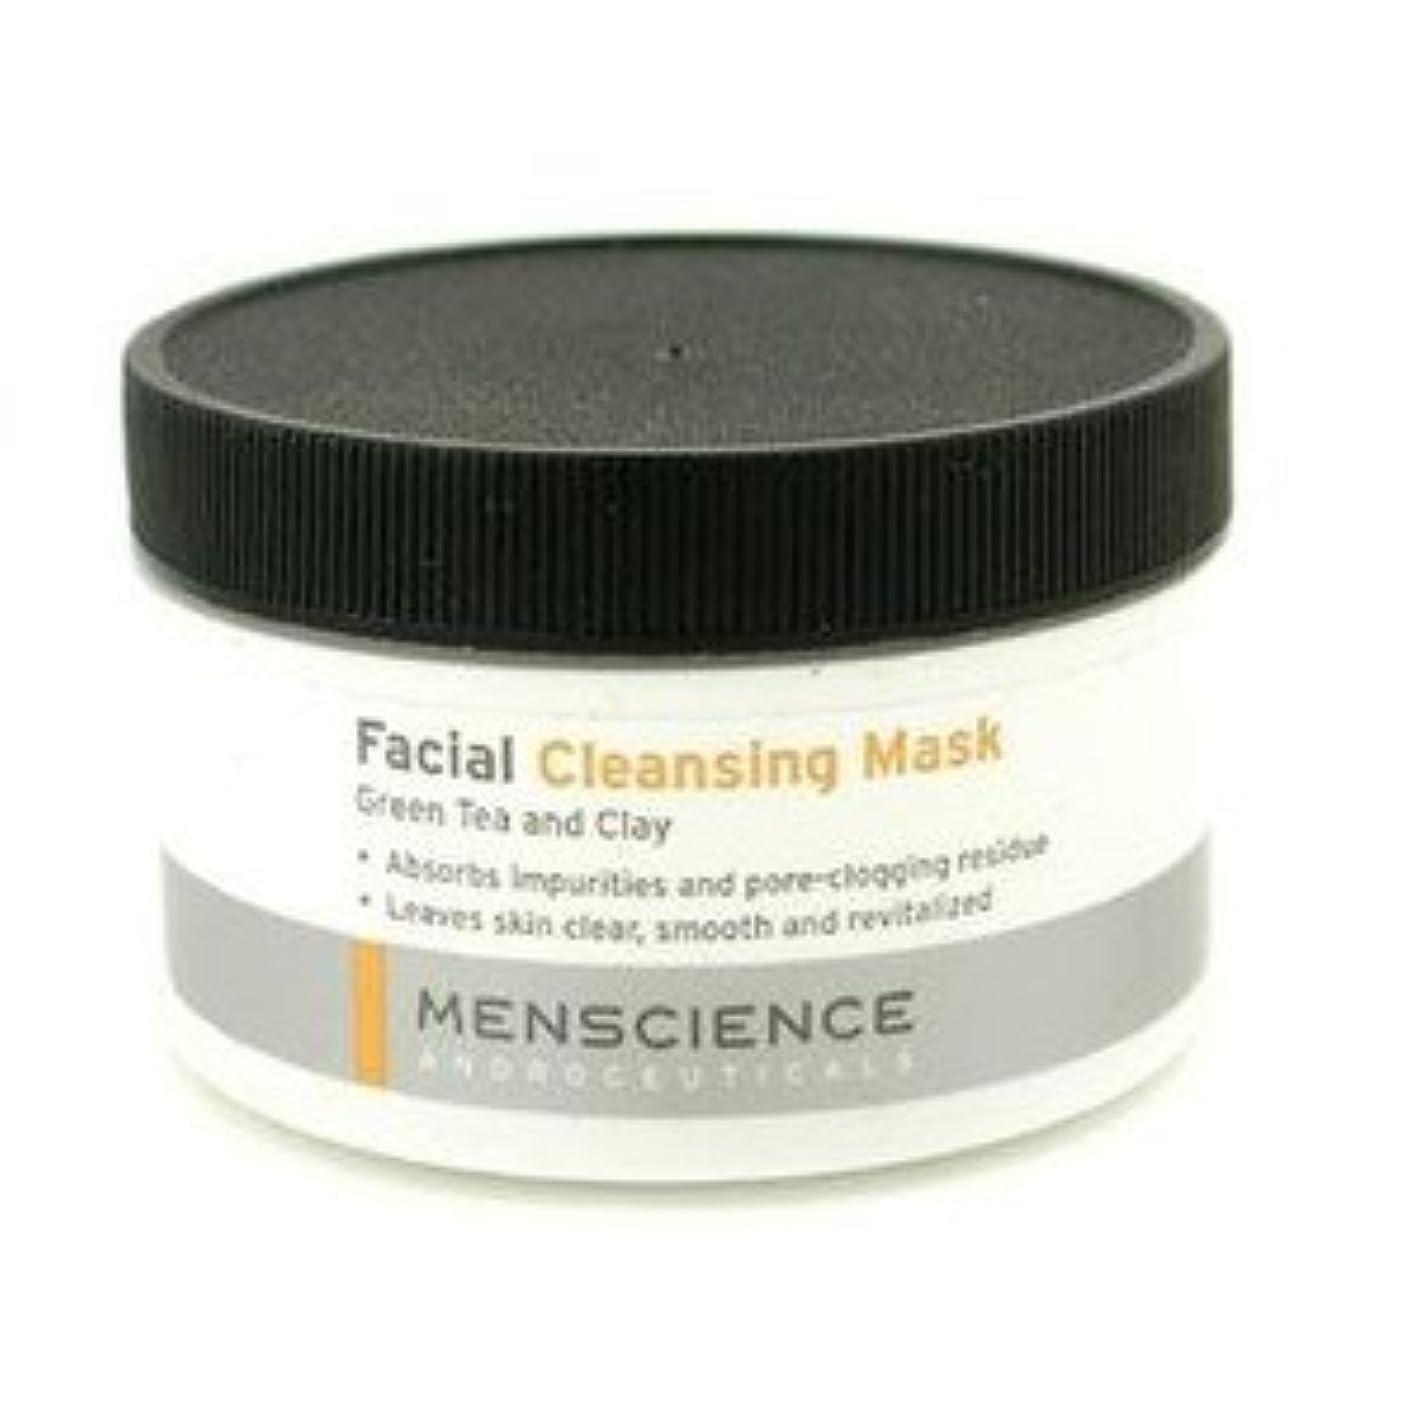 マイルストーン単なる略奪MenScience フェーシャル クリーニング マスク - グリーンティー&クレイ 90g/3oz [並行輸入品]